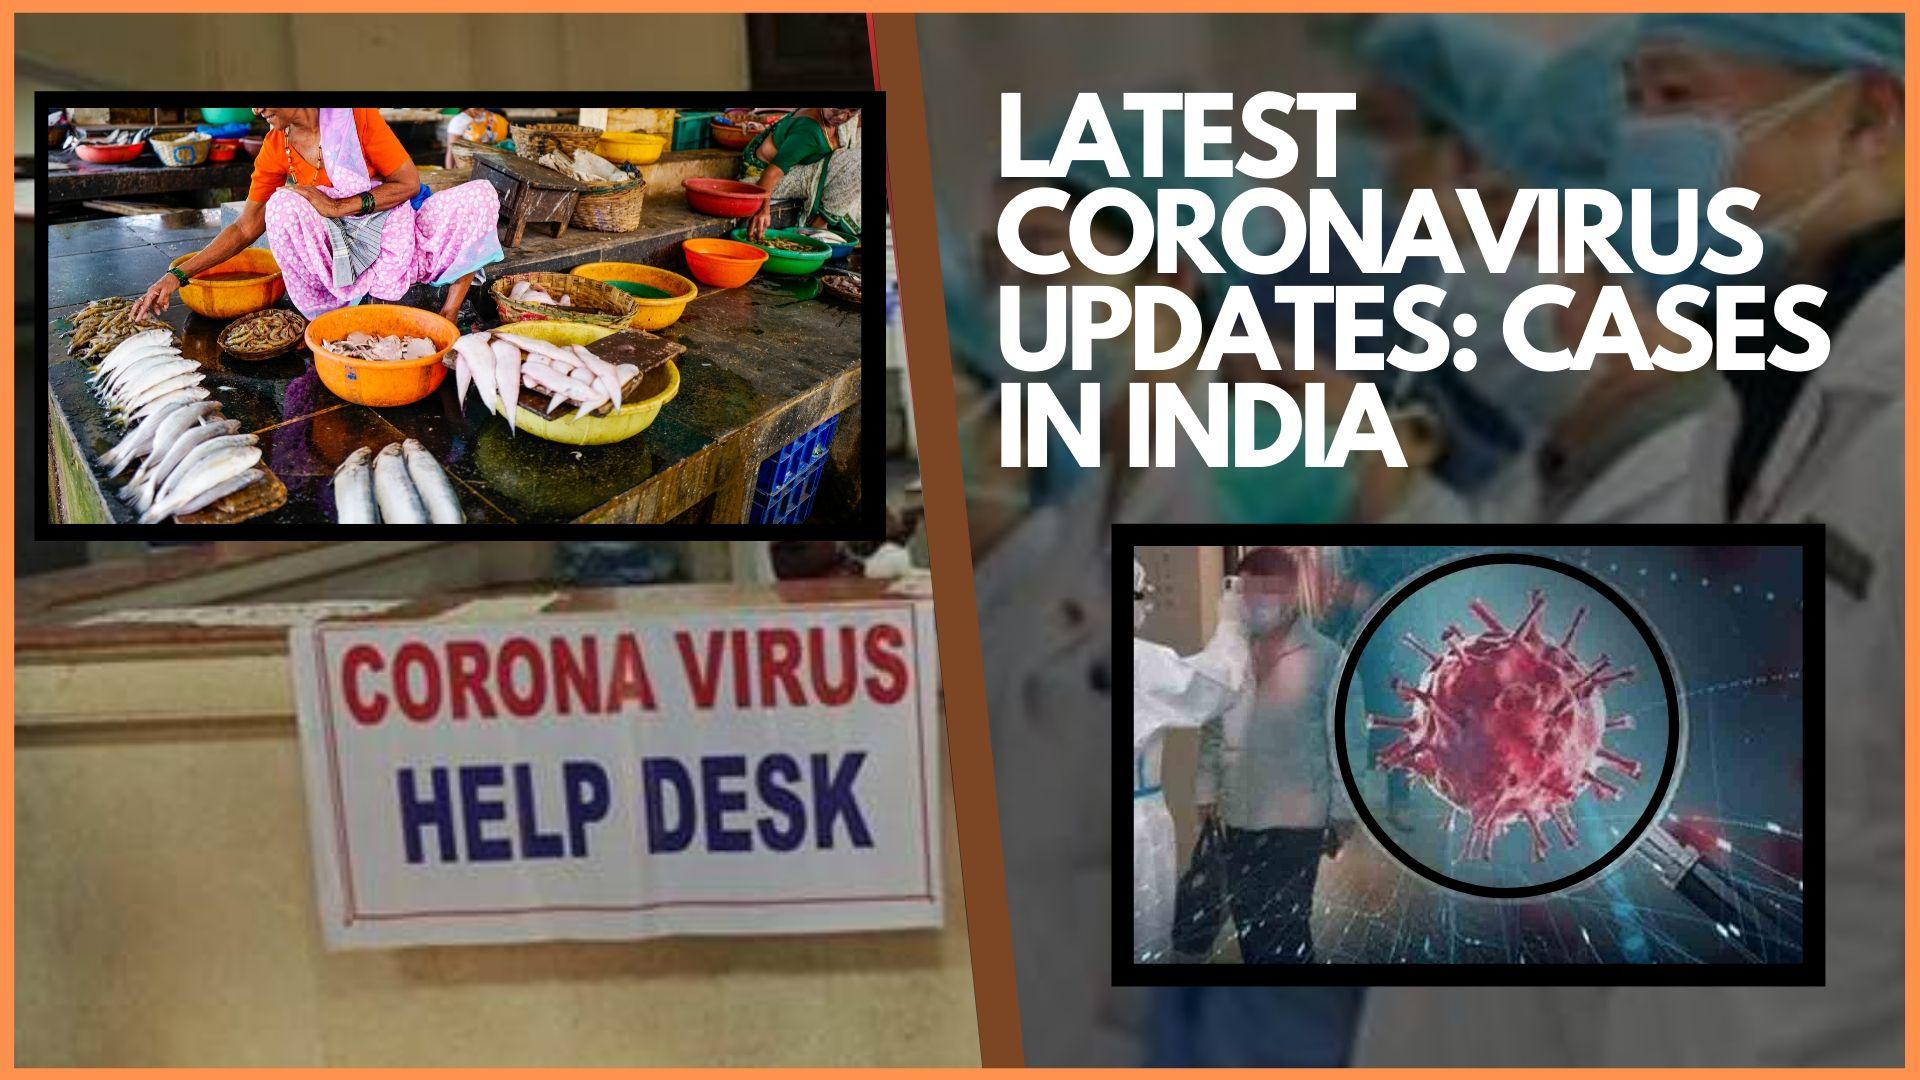 LATEST CORONAVIRUS UPDATES: CASES IN INDIA